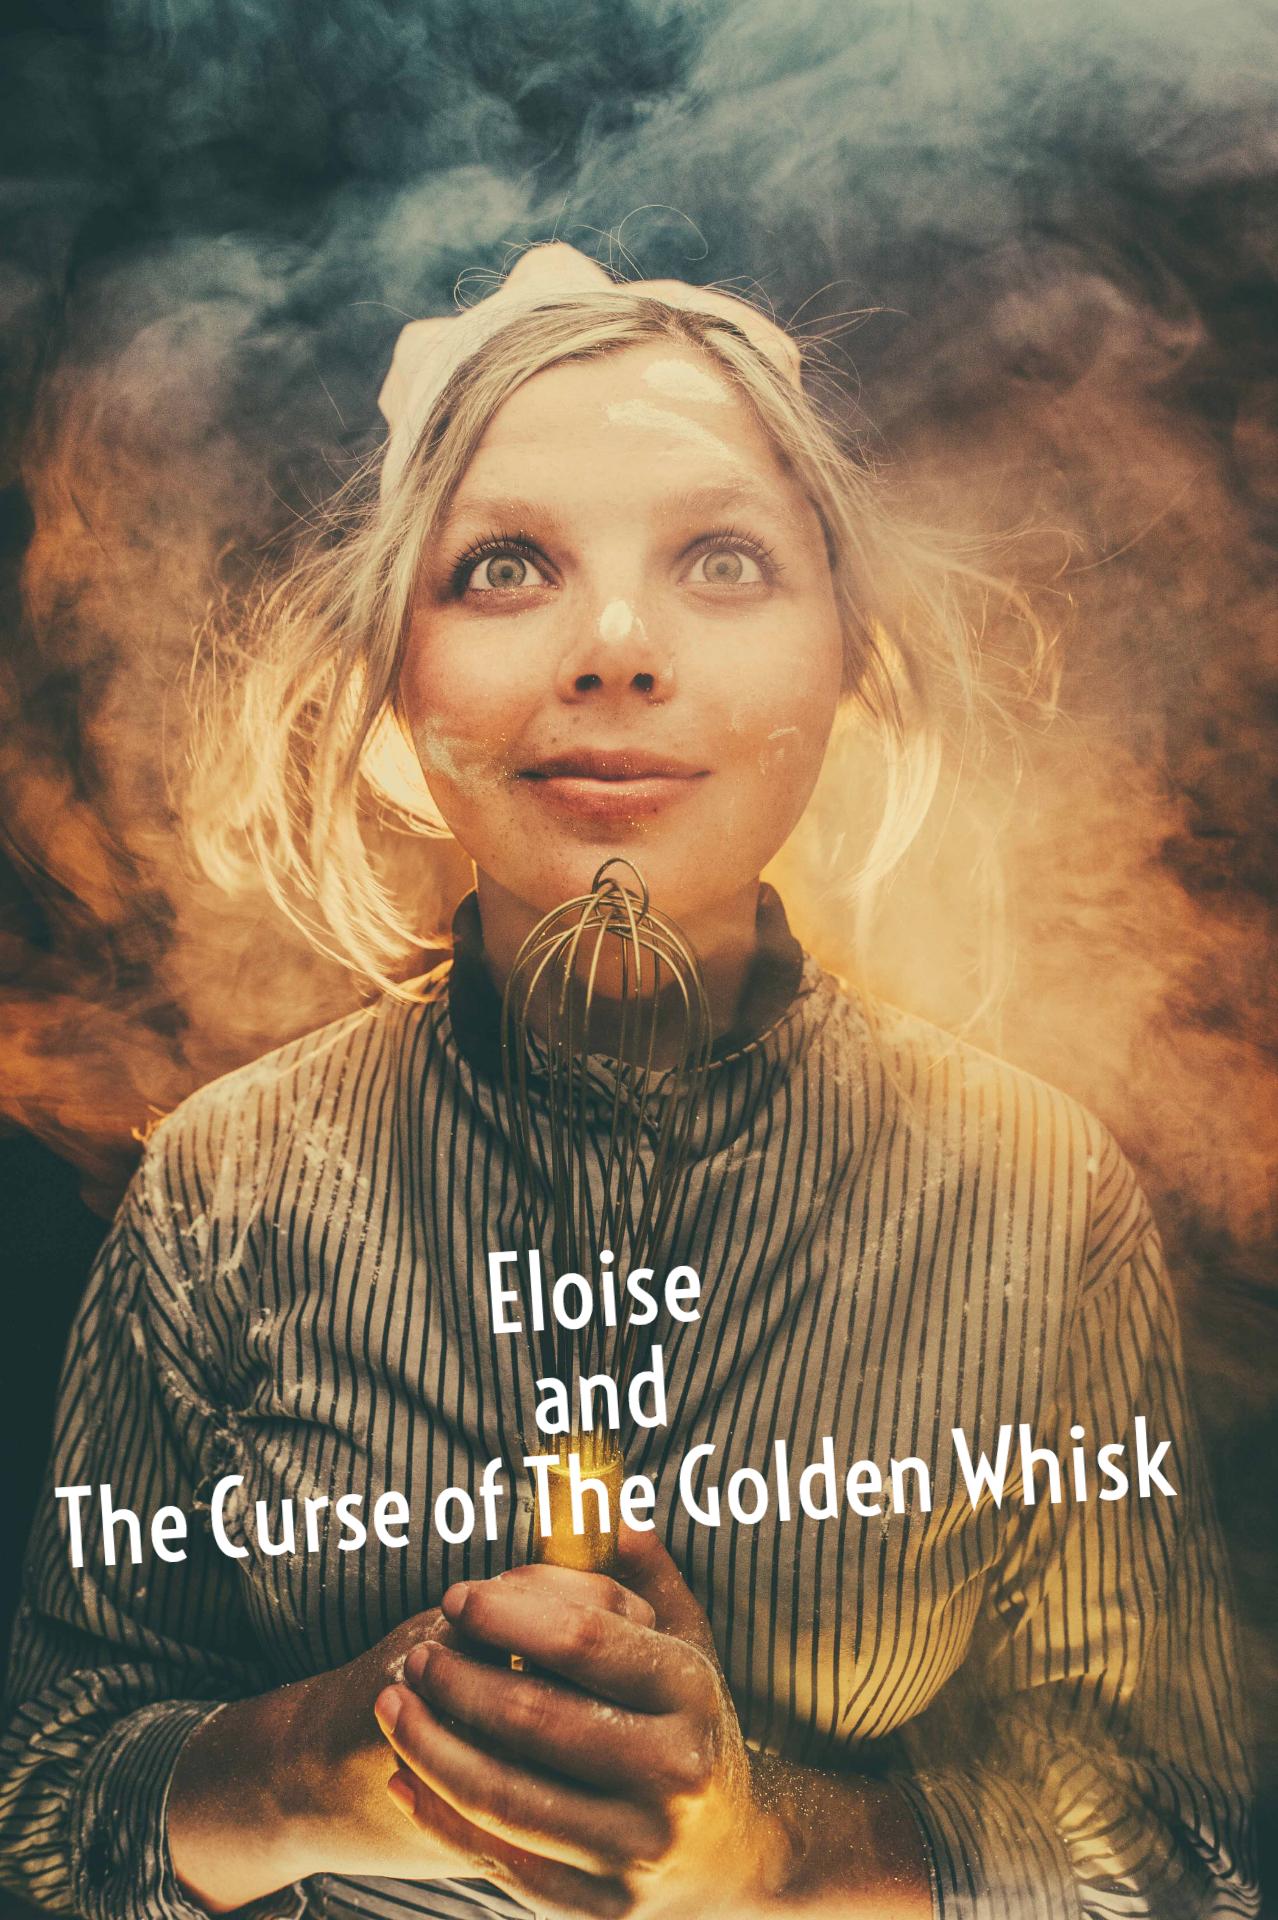 golden whisk web edit 2_edited.jpg